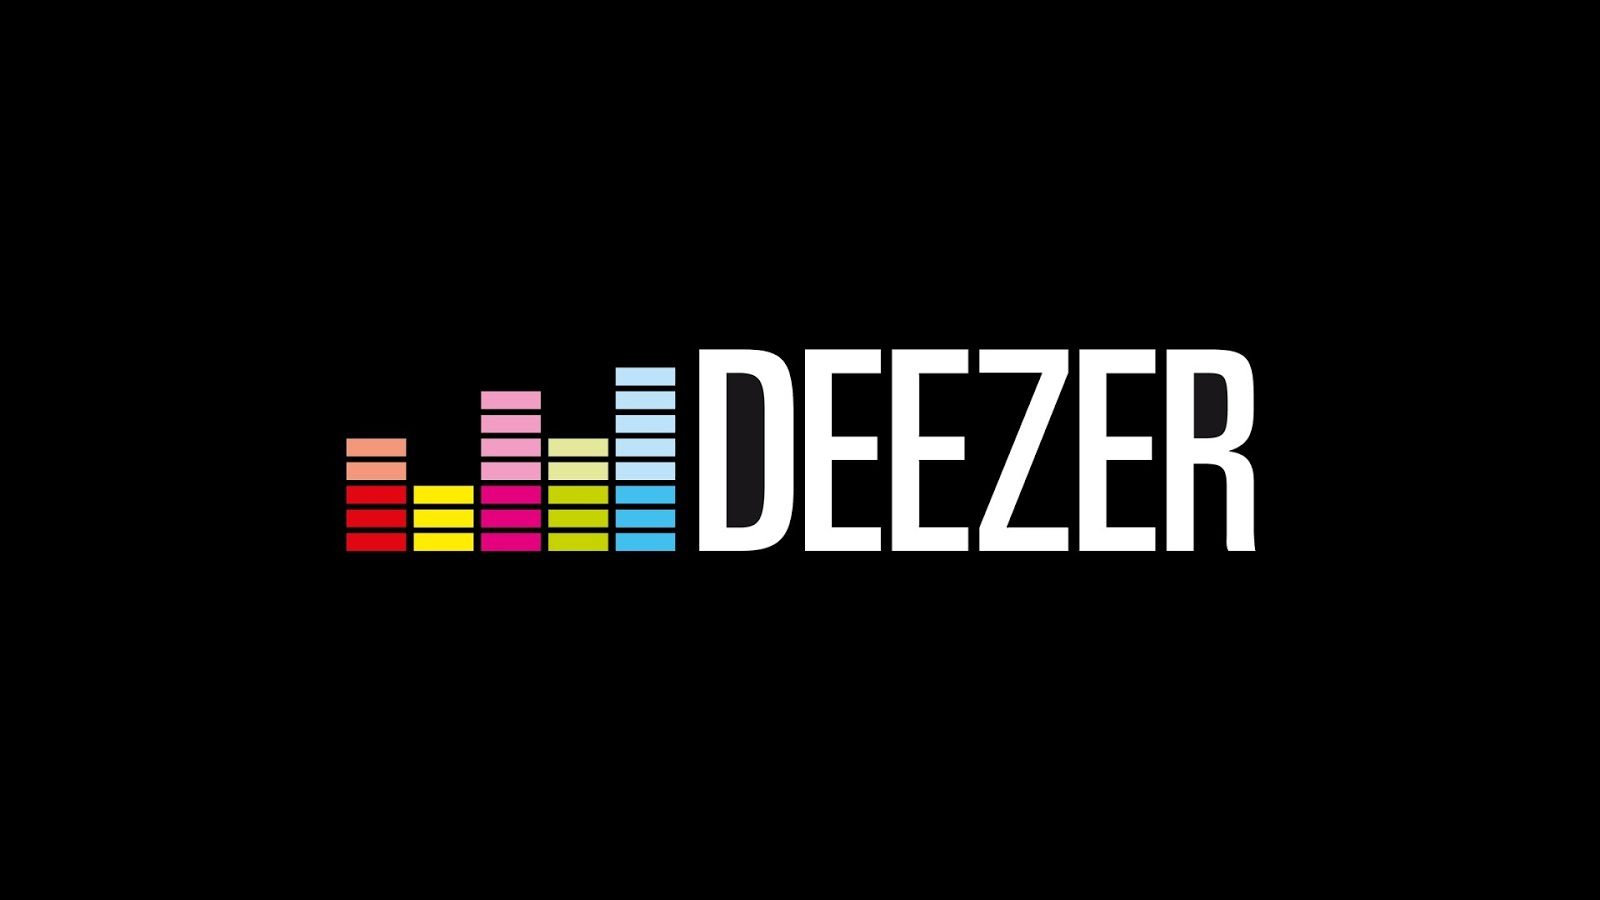 deezer premium gratis